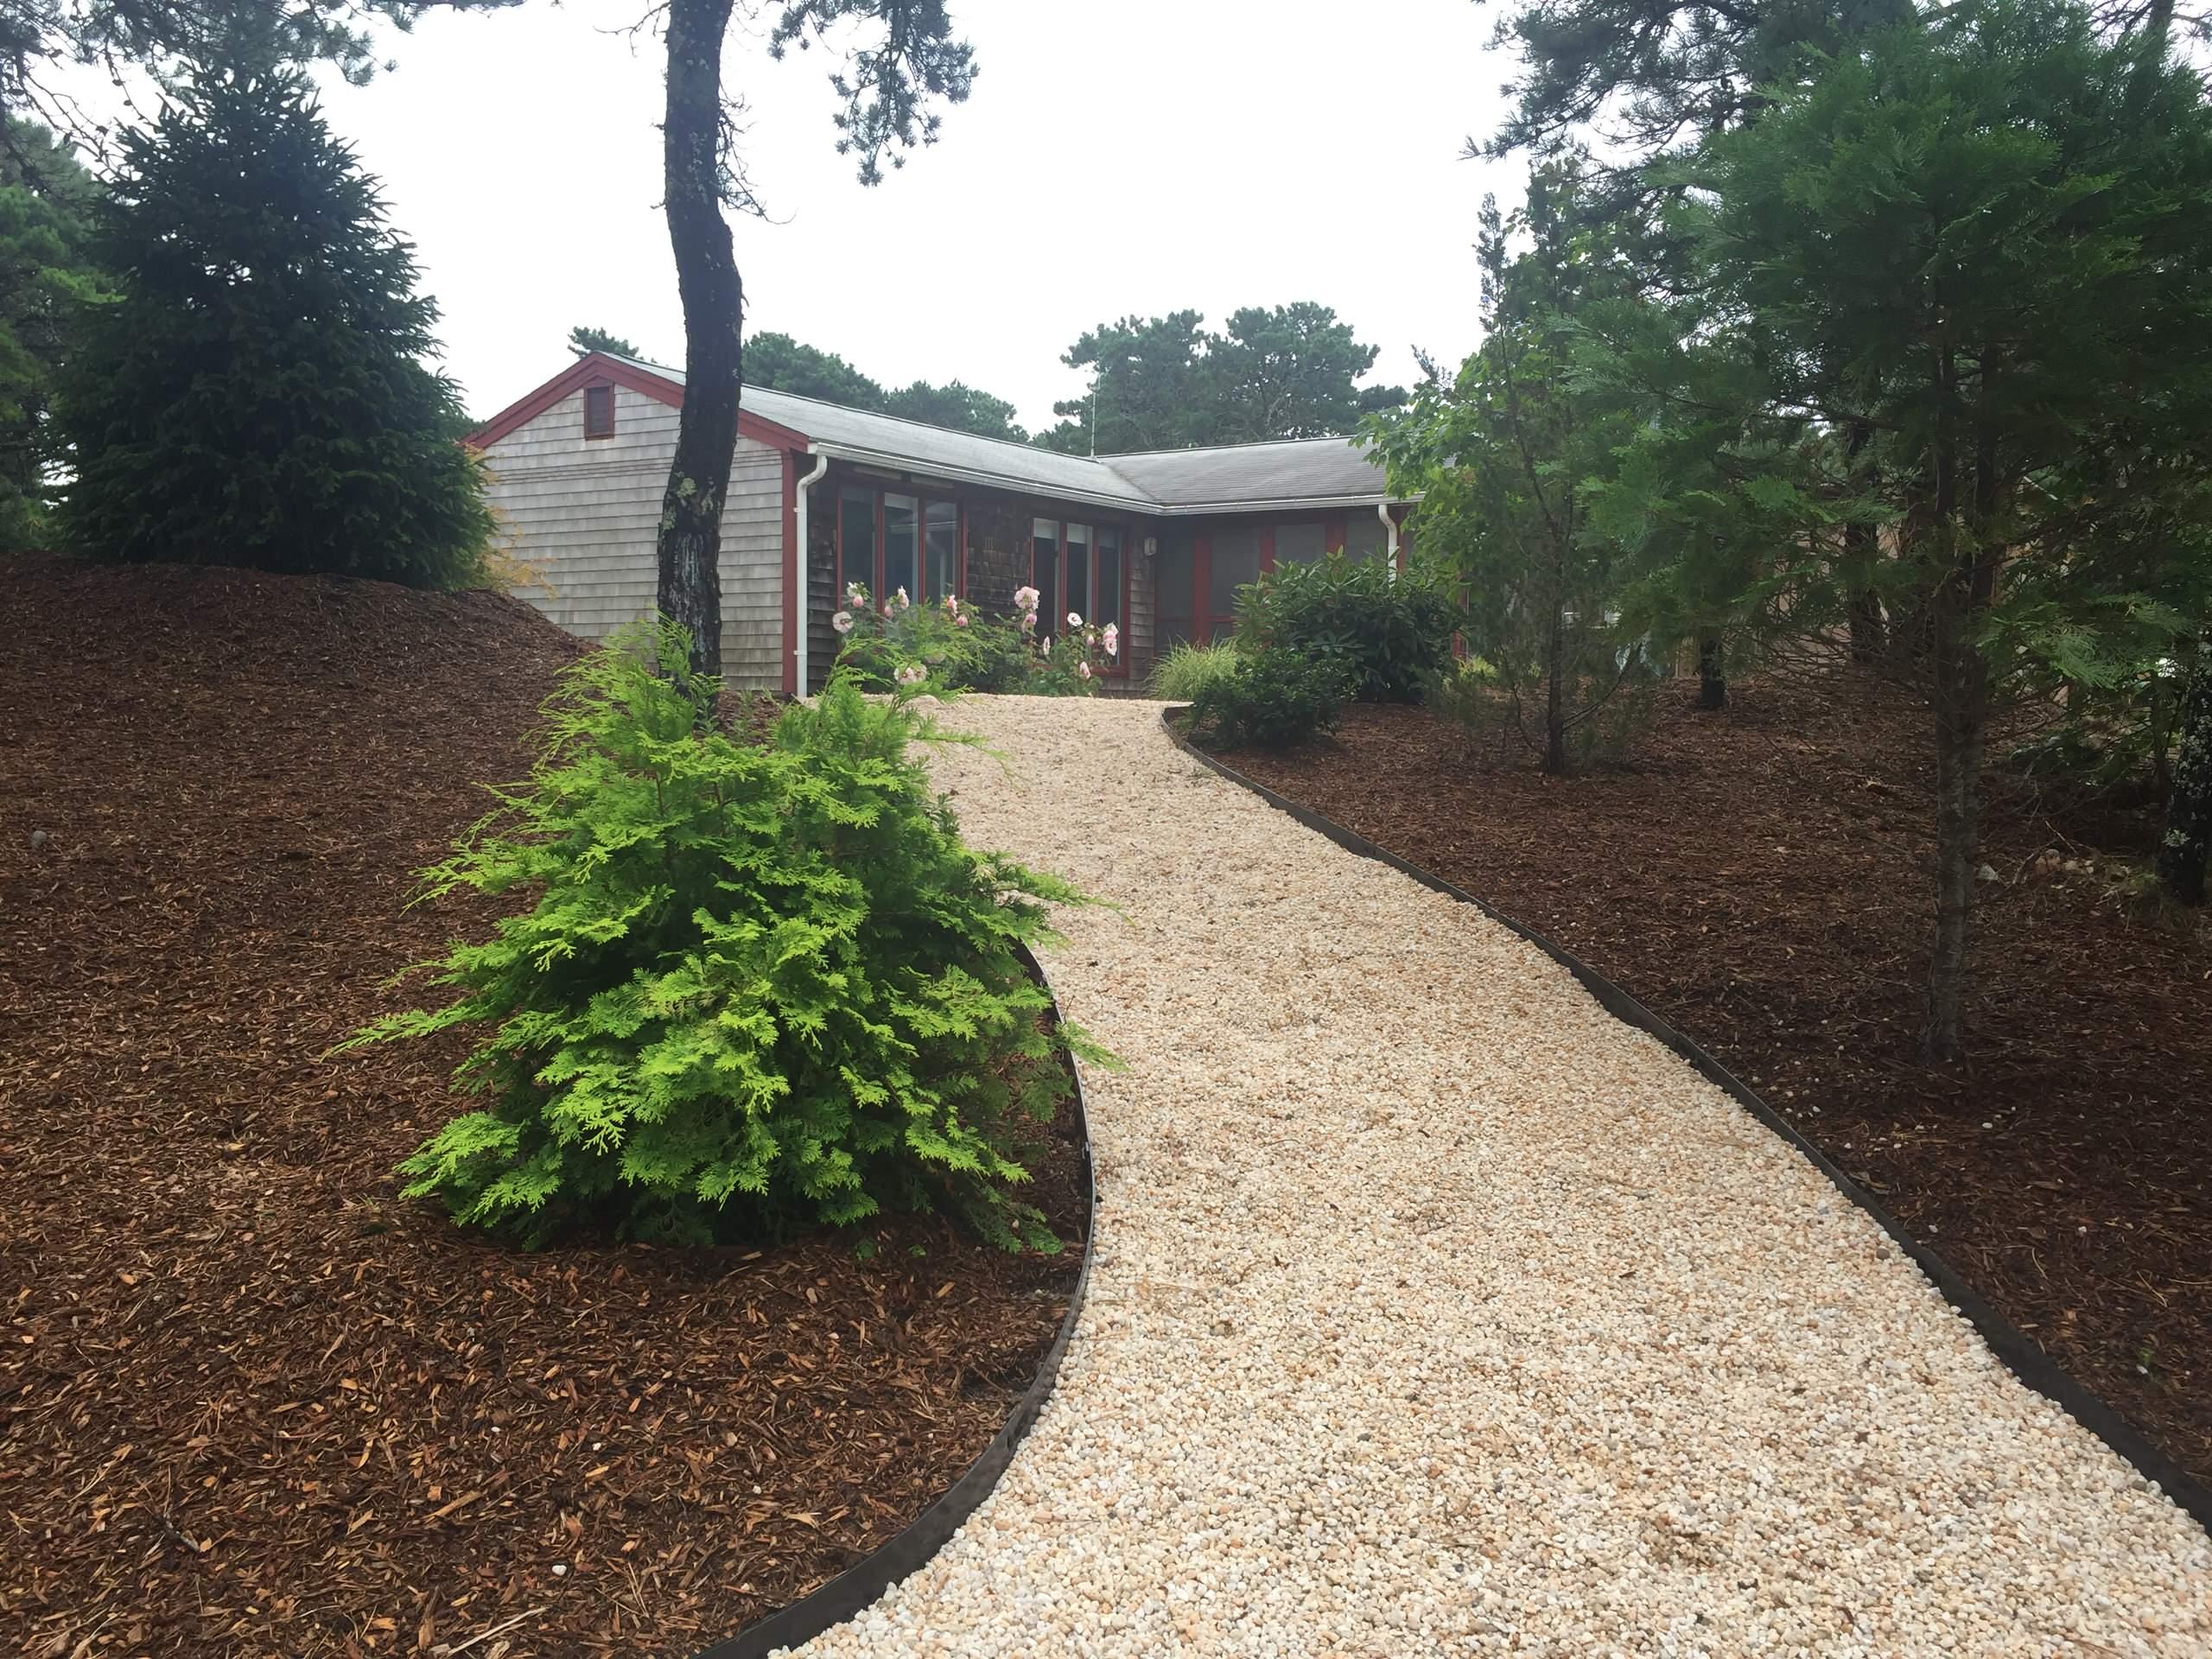 Landscape for Modern Residence